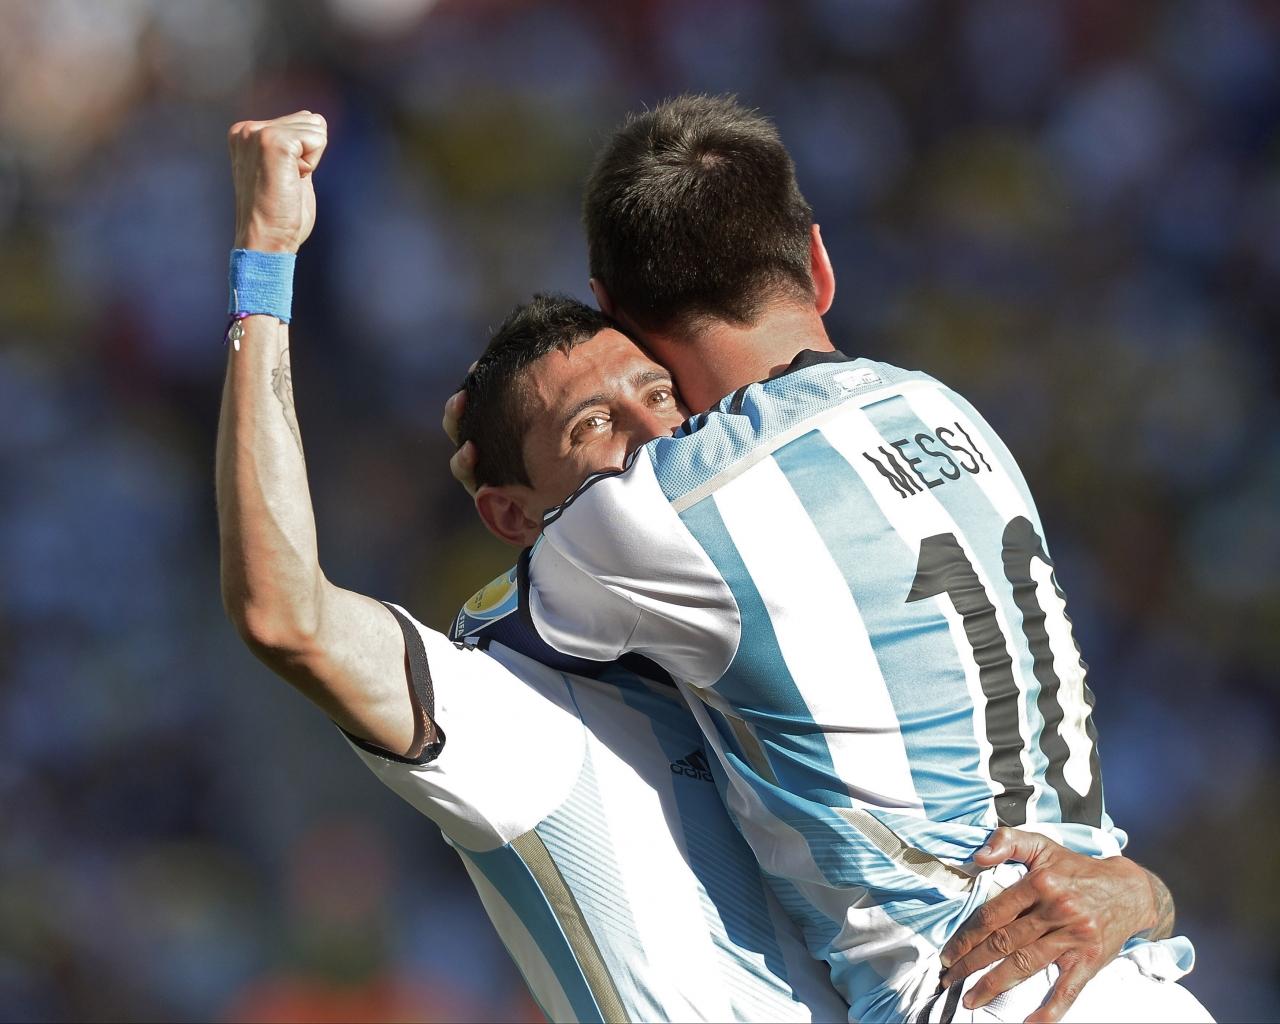 David Villa y Messi - 1280x1024